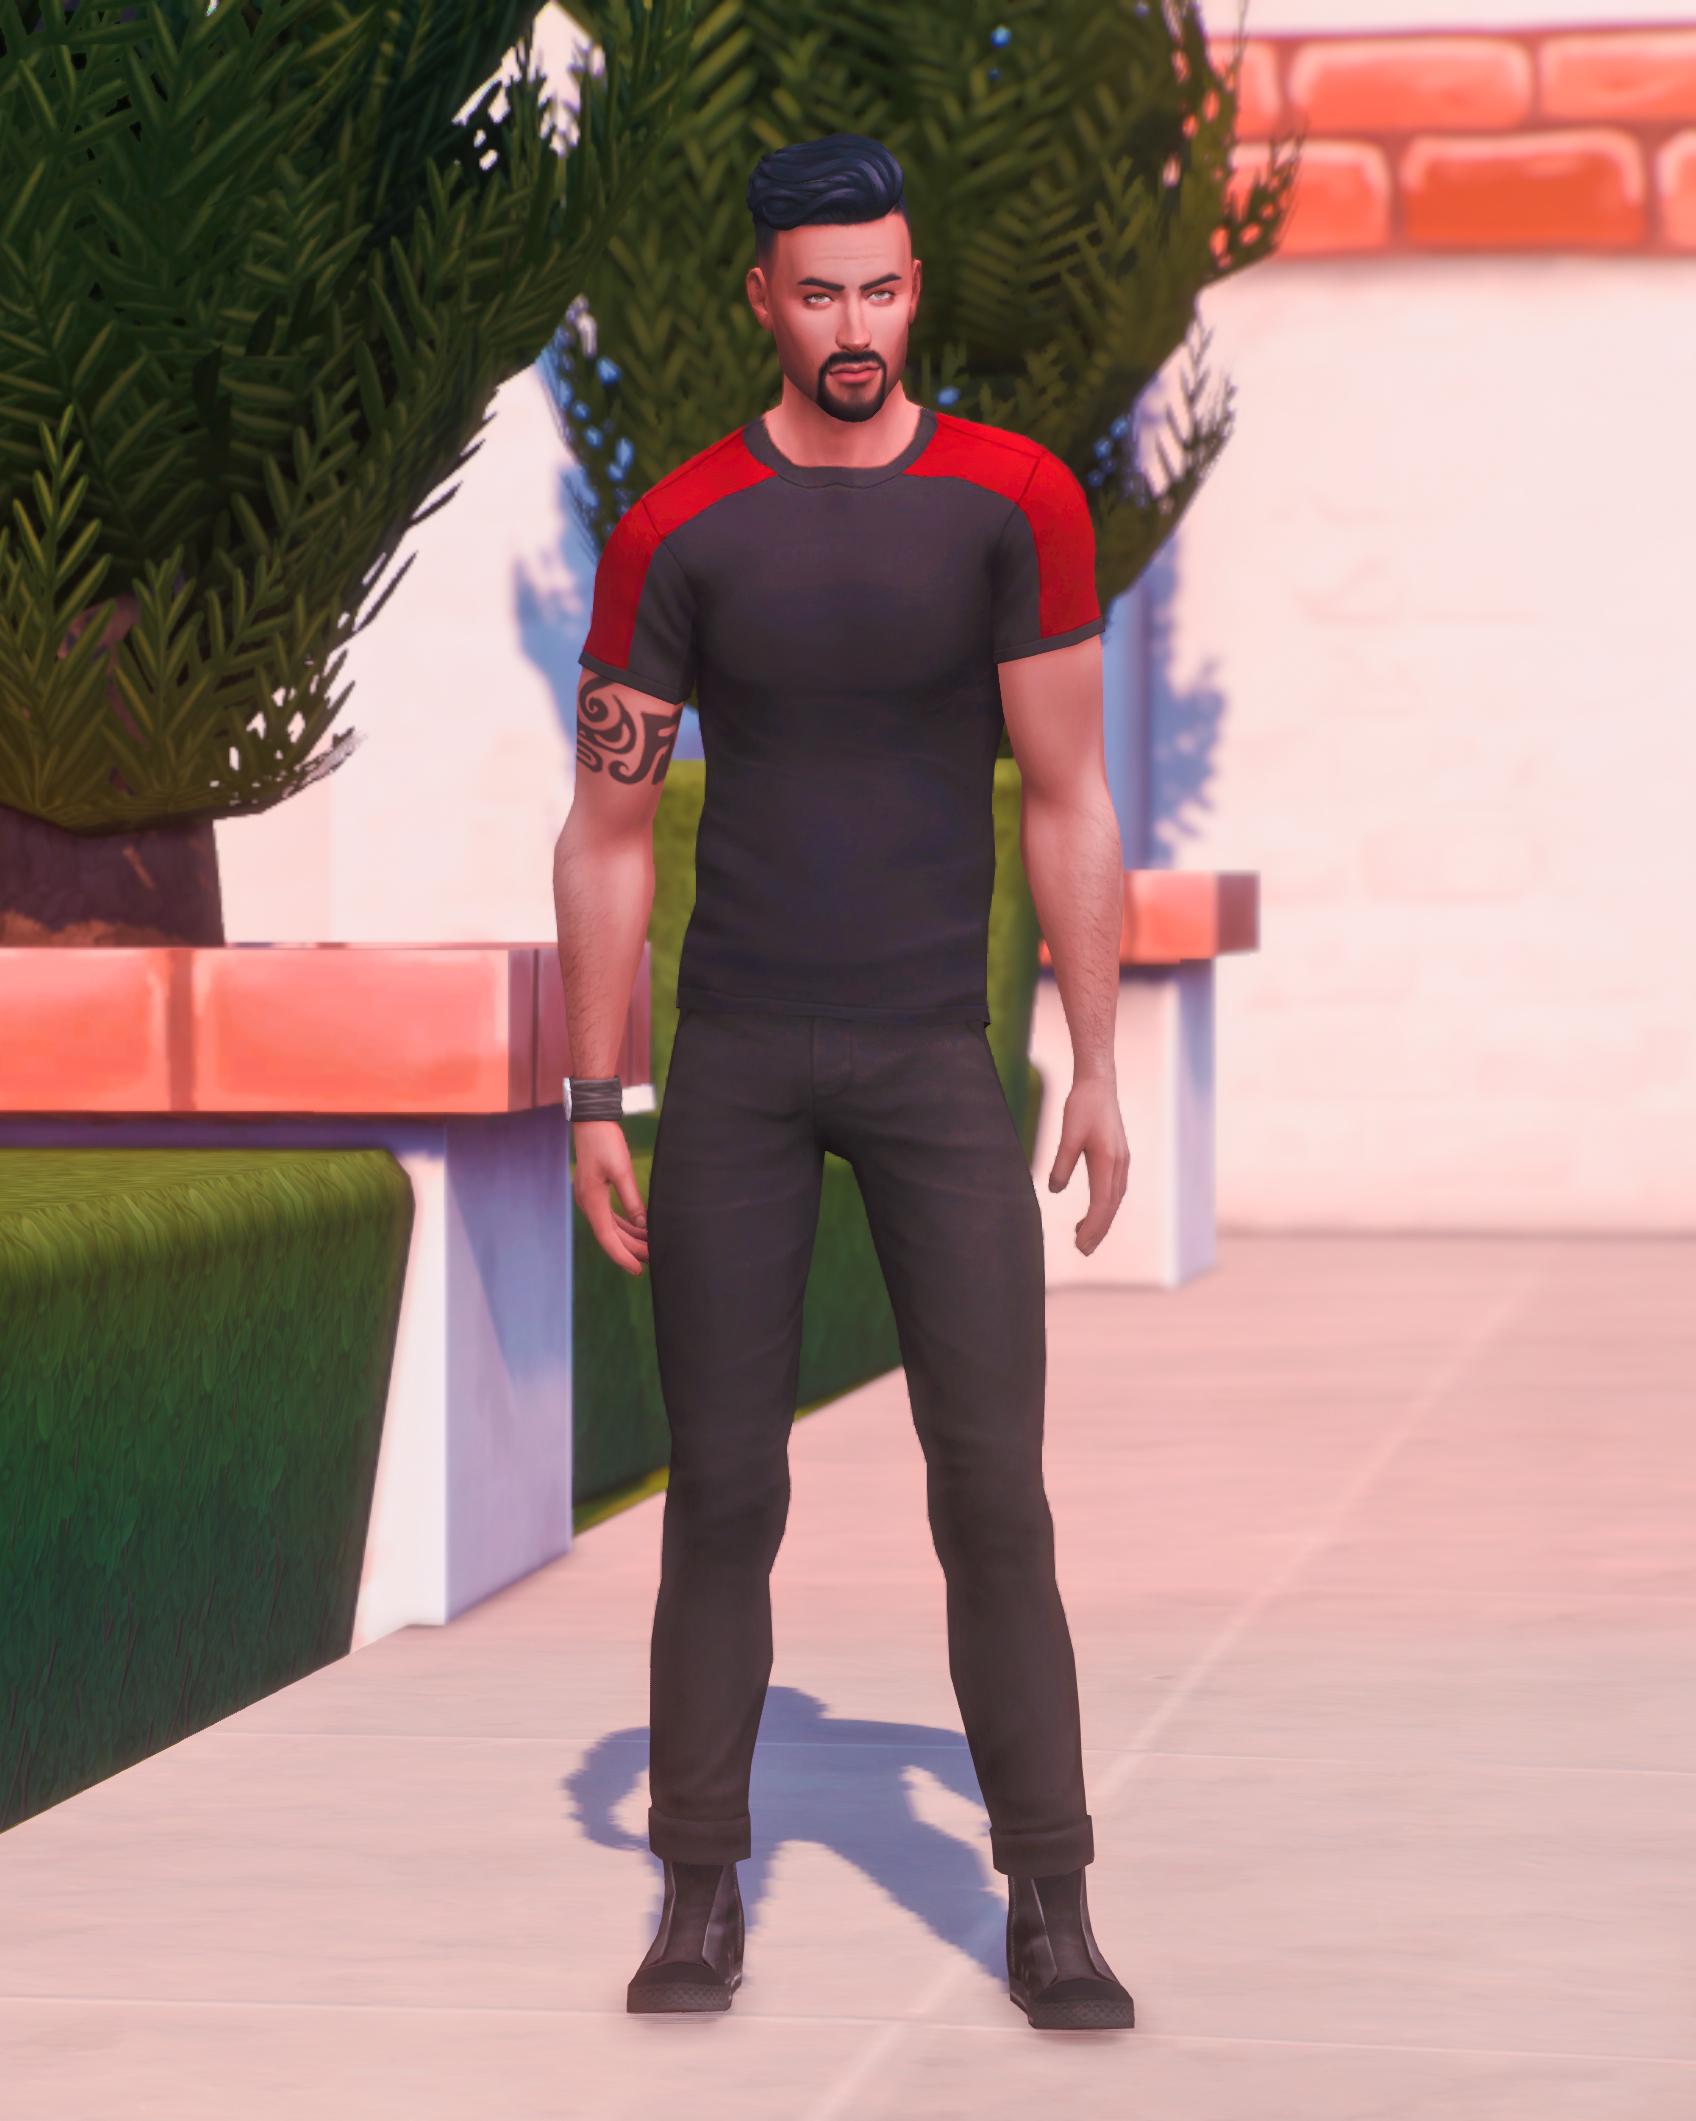 Sims 4 lothario